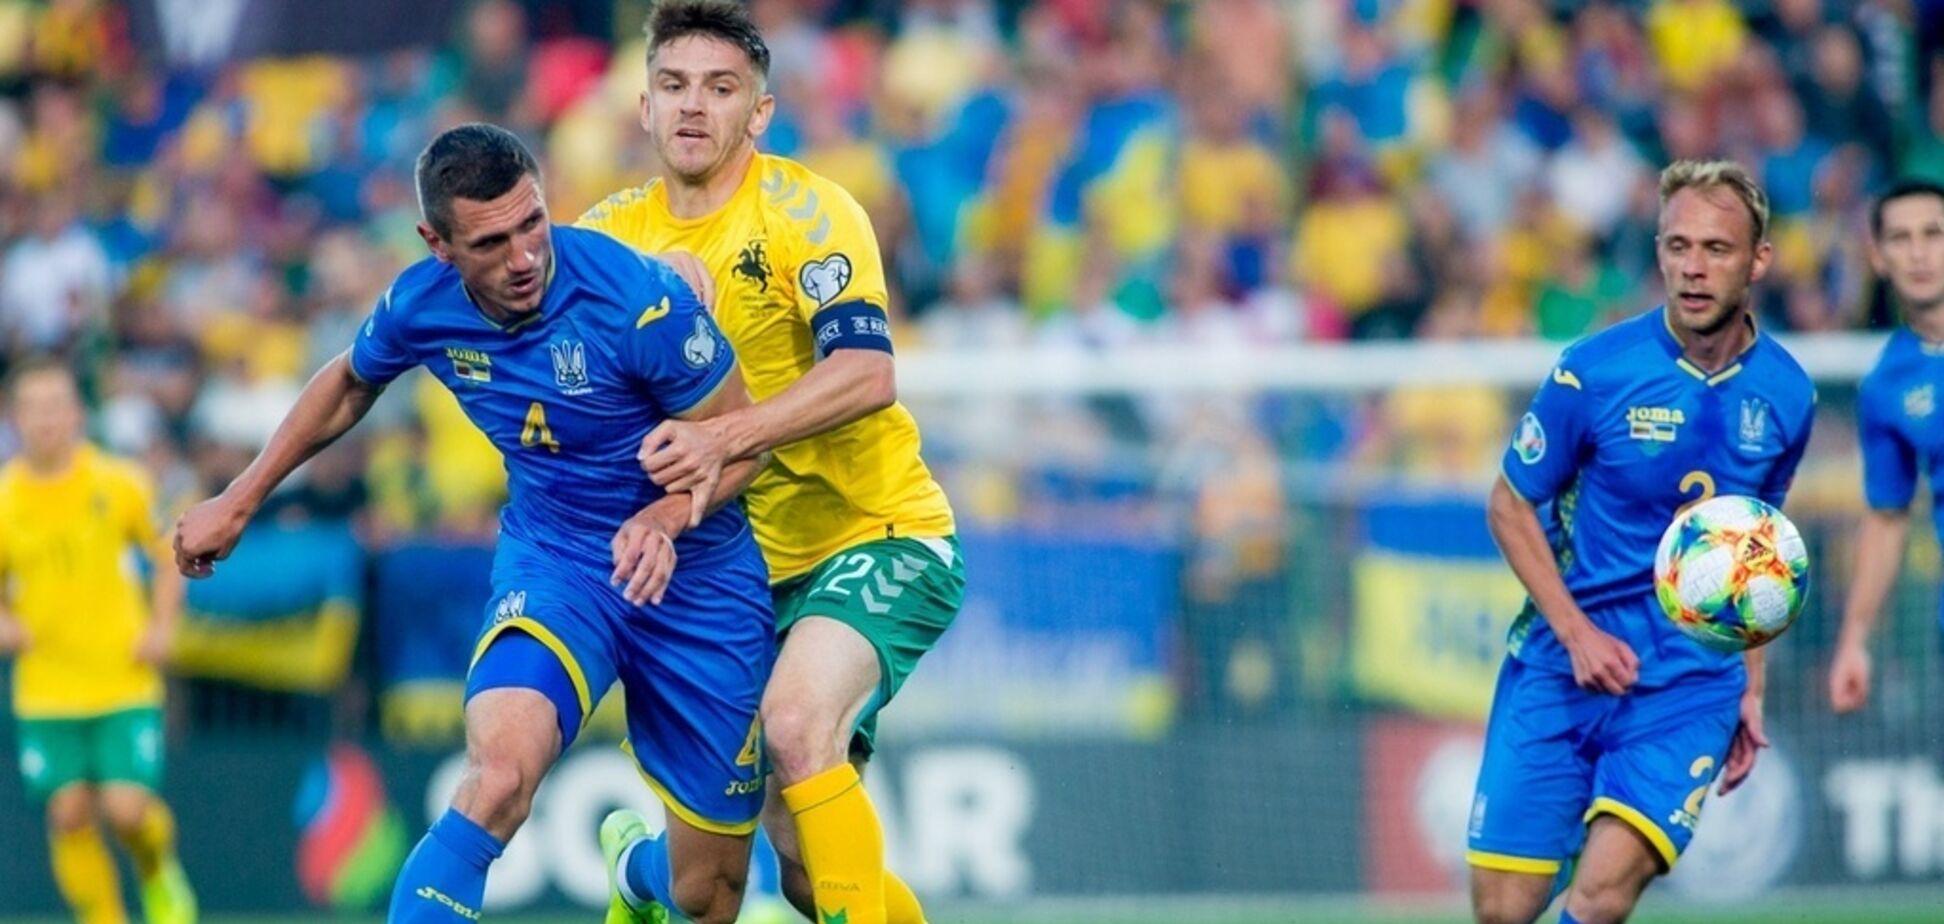 Стартові склади! Україна – Литва: де дивитися онлайн ключовий матч відбору Євро-2020 – розклад трансляцій